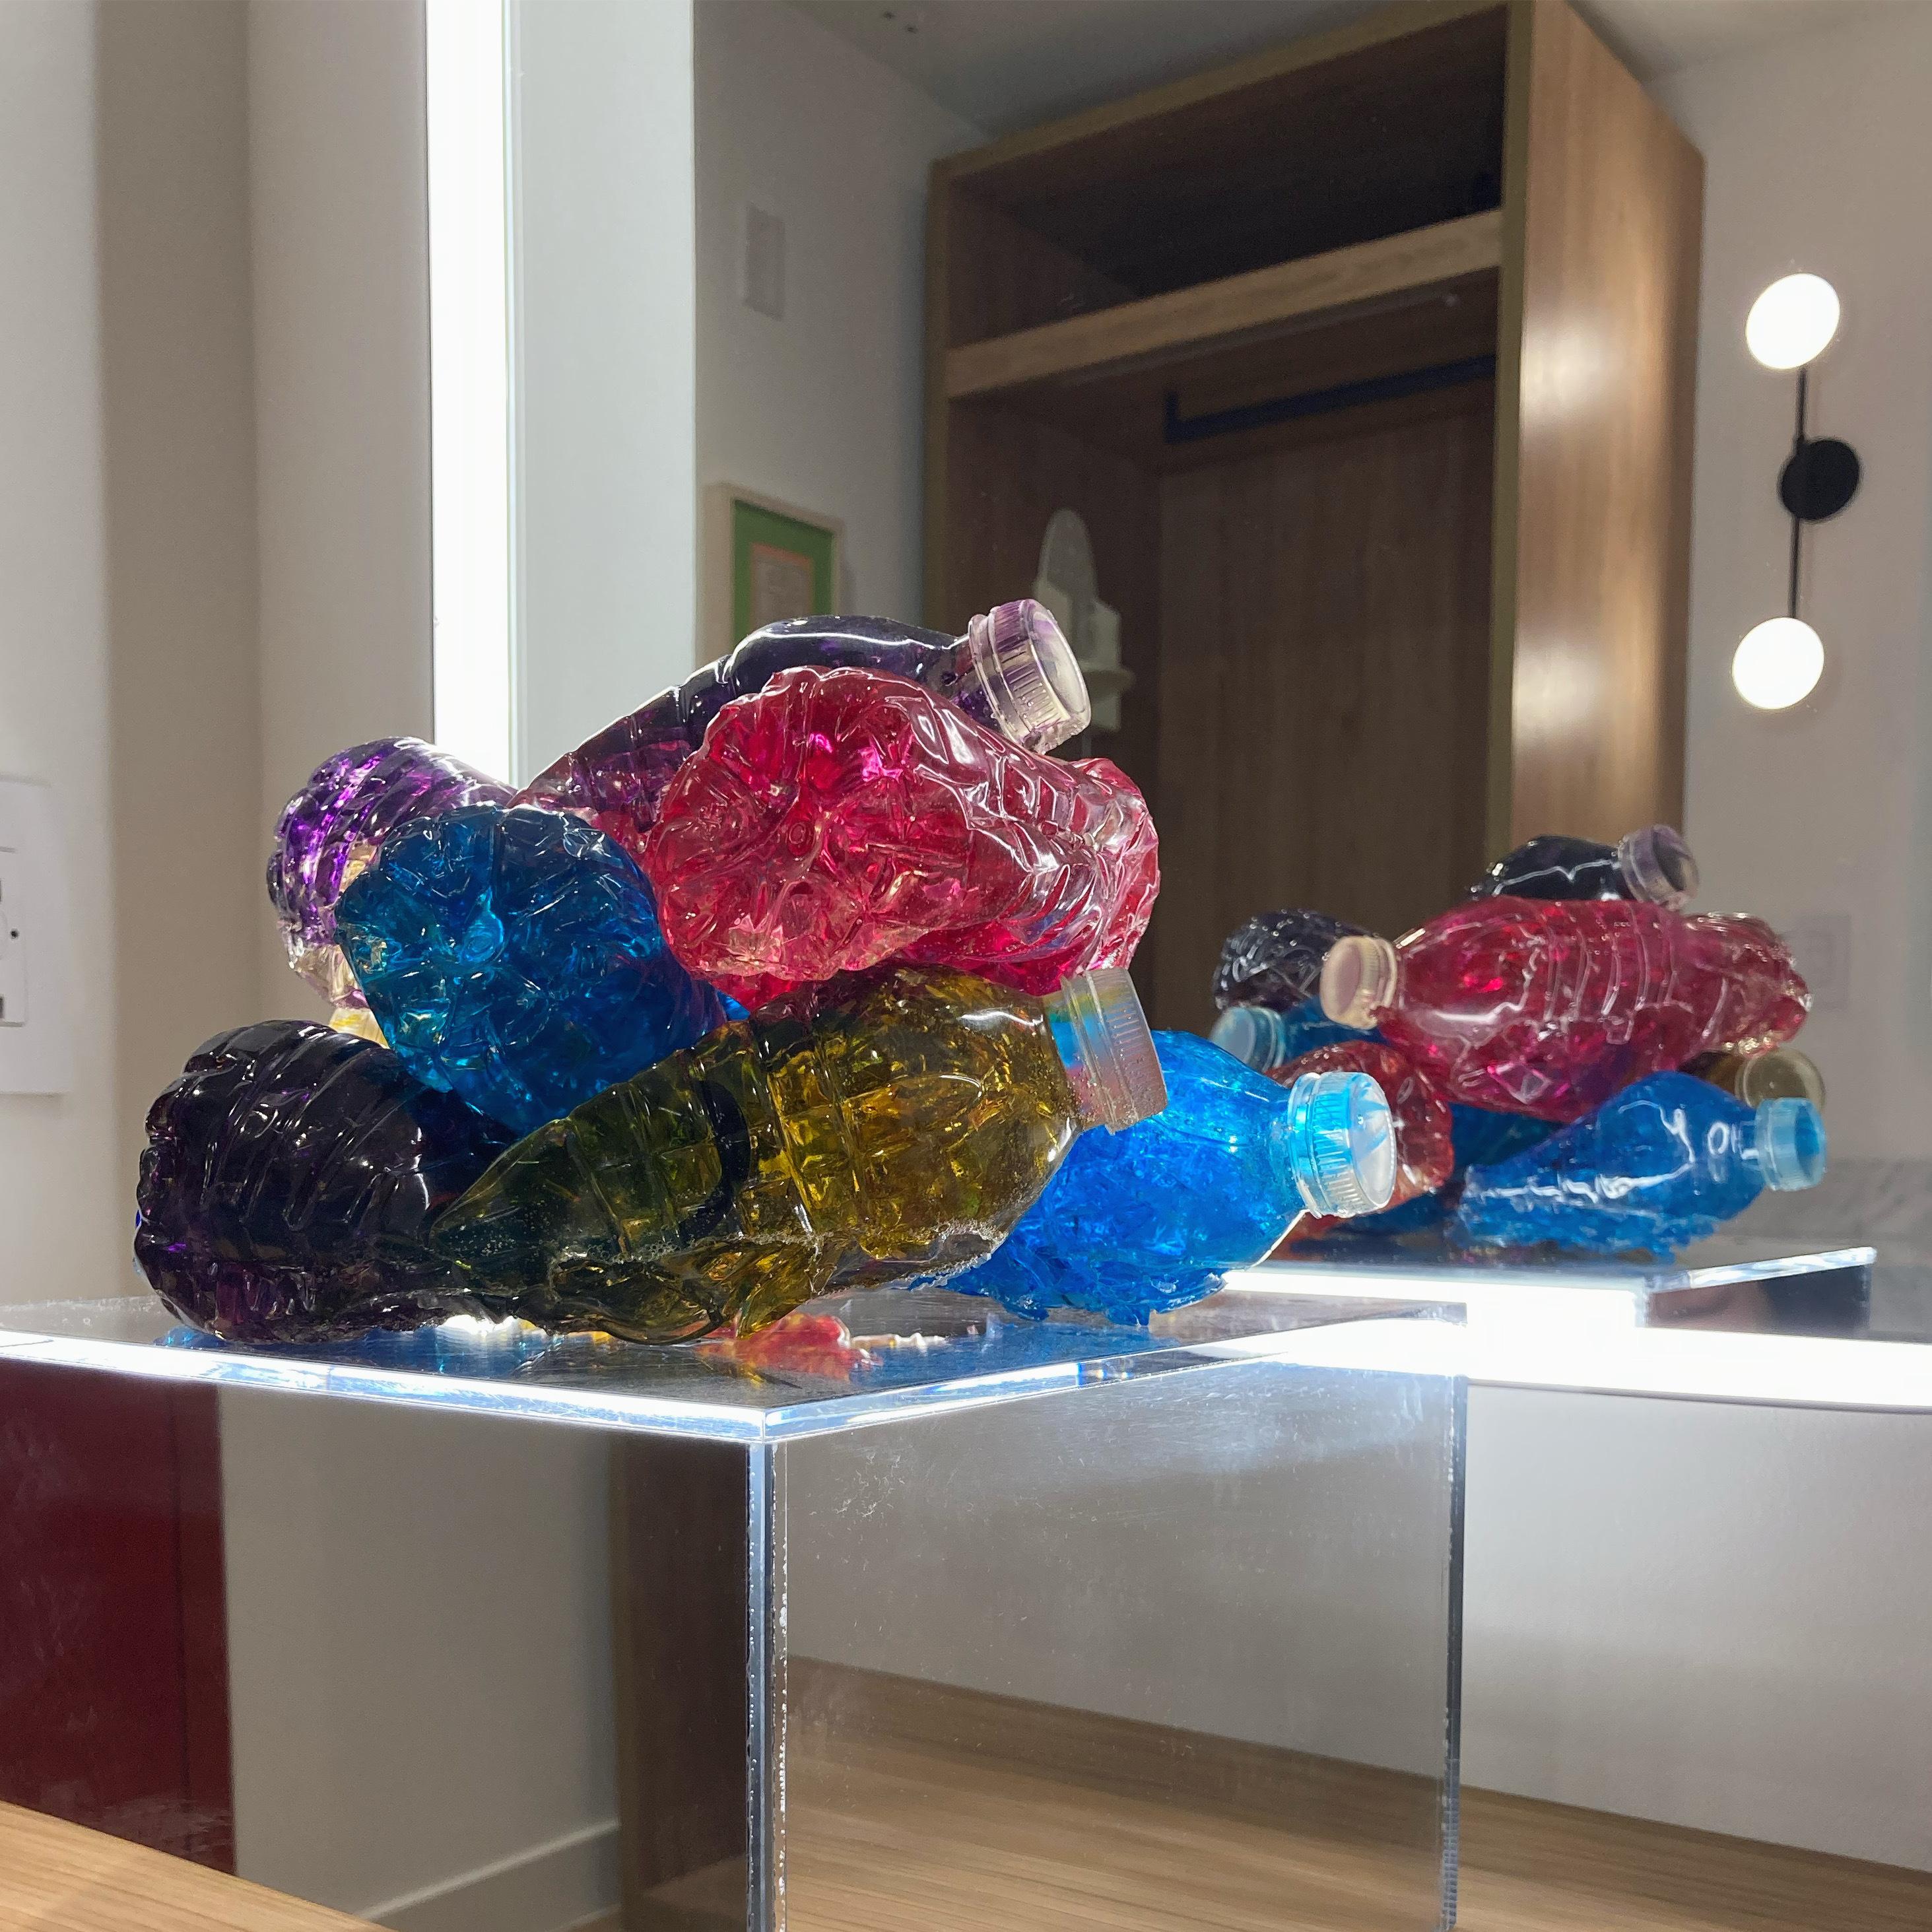 Gallery Visit, ZieherSmith, Nashville, TN (feat. Rachel Owens)